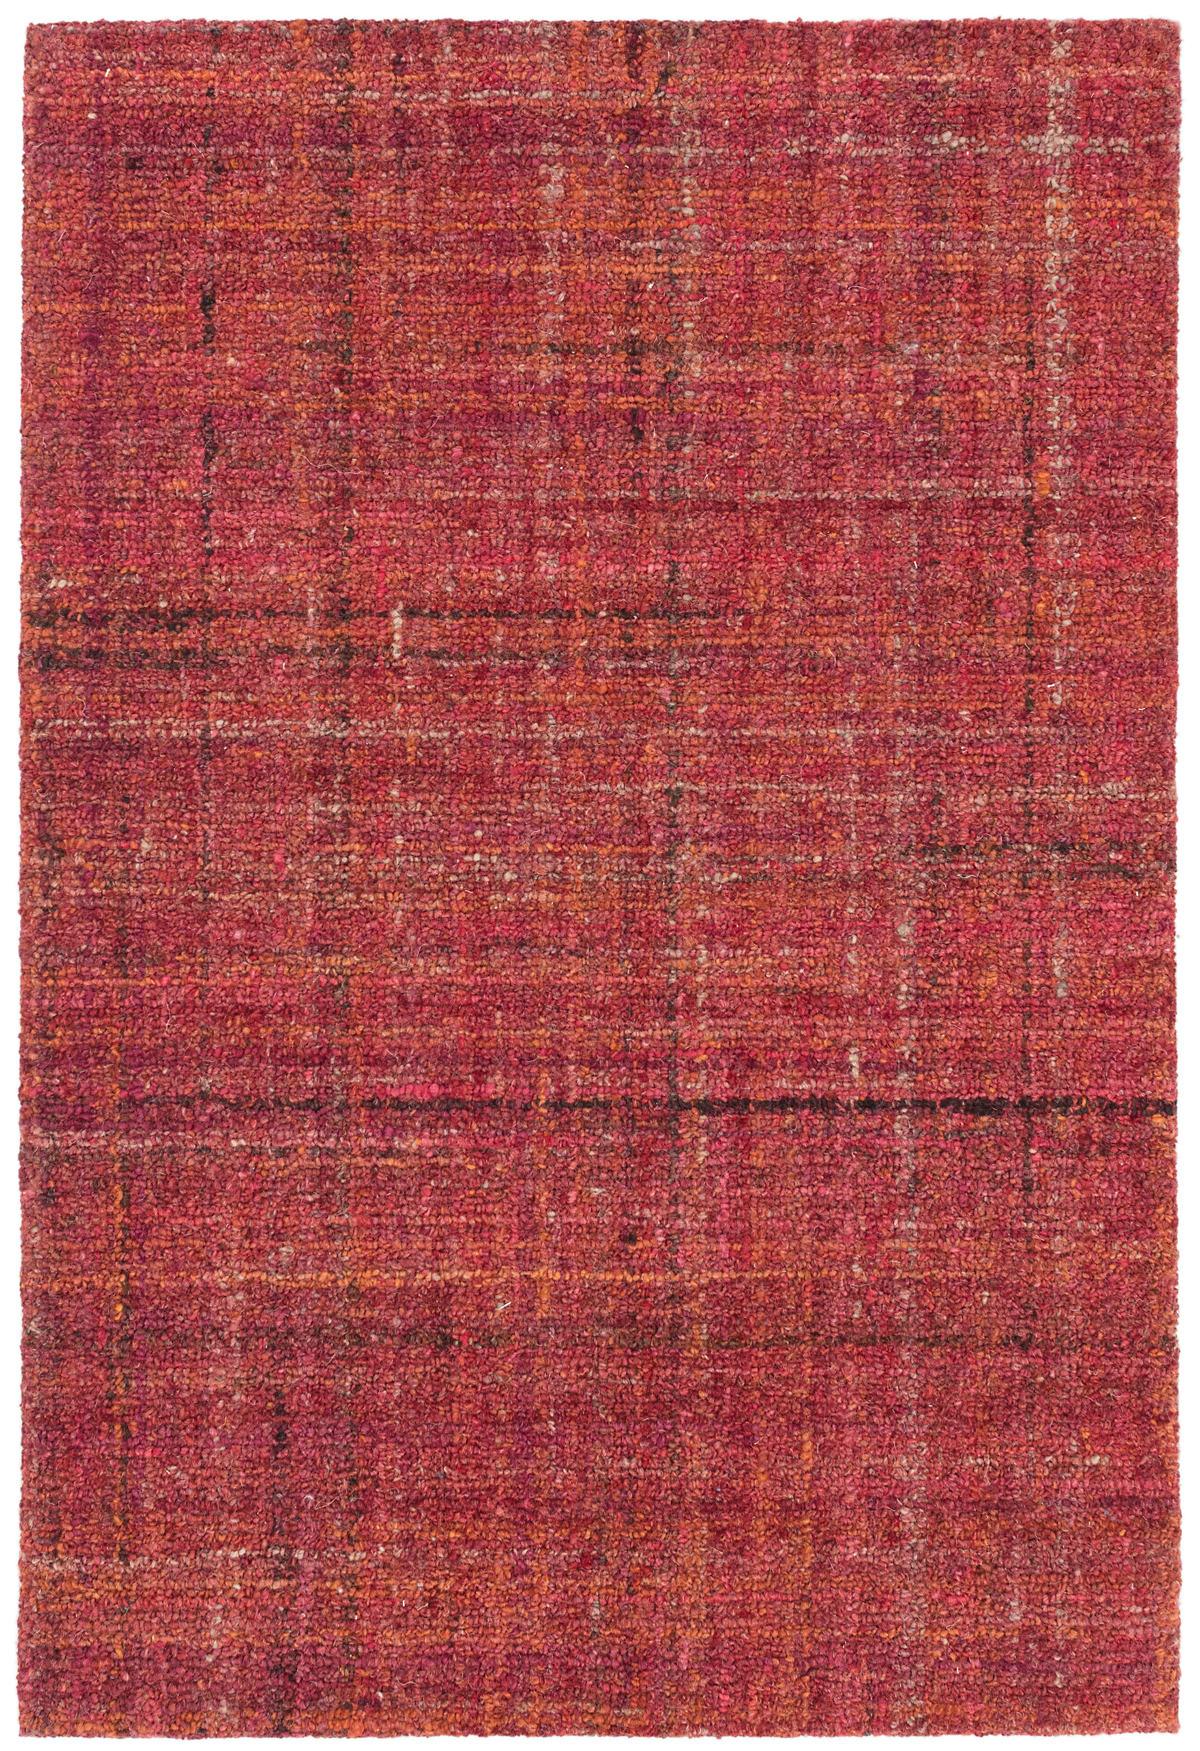 Harris Crimson Micro Hooked Wool Rug